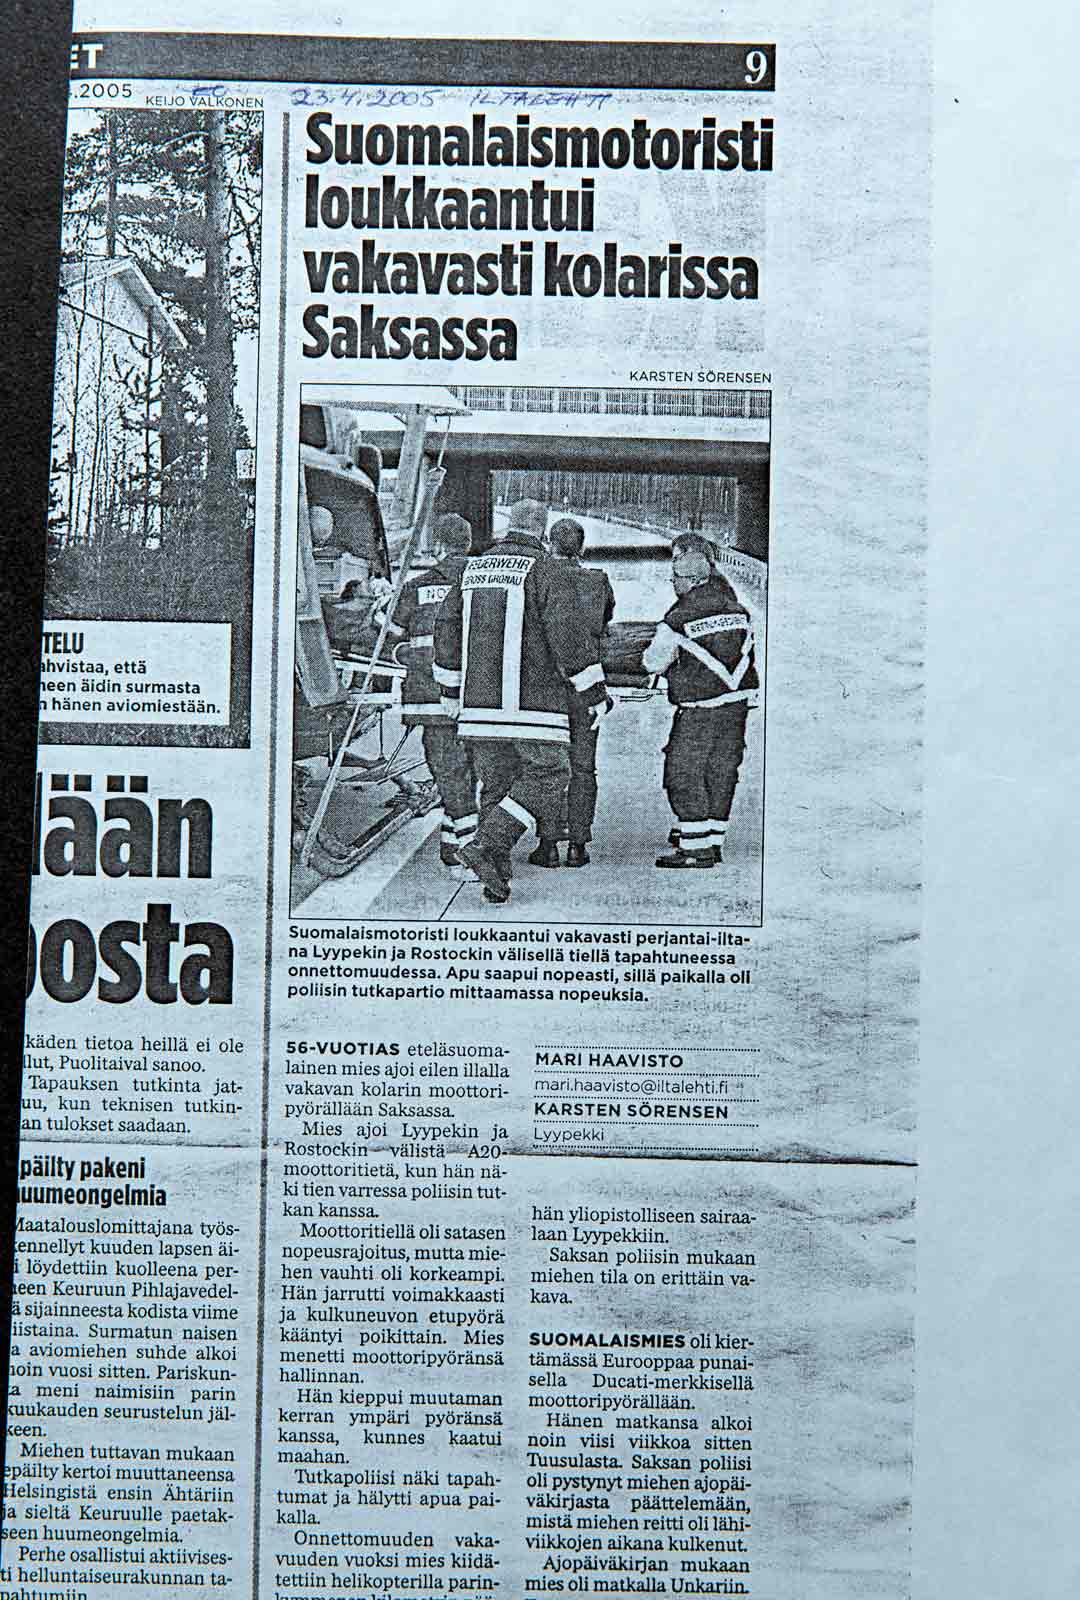 Iltalehden uutinen onnettomuudesta